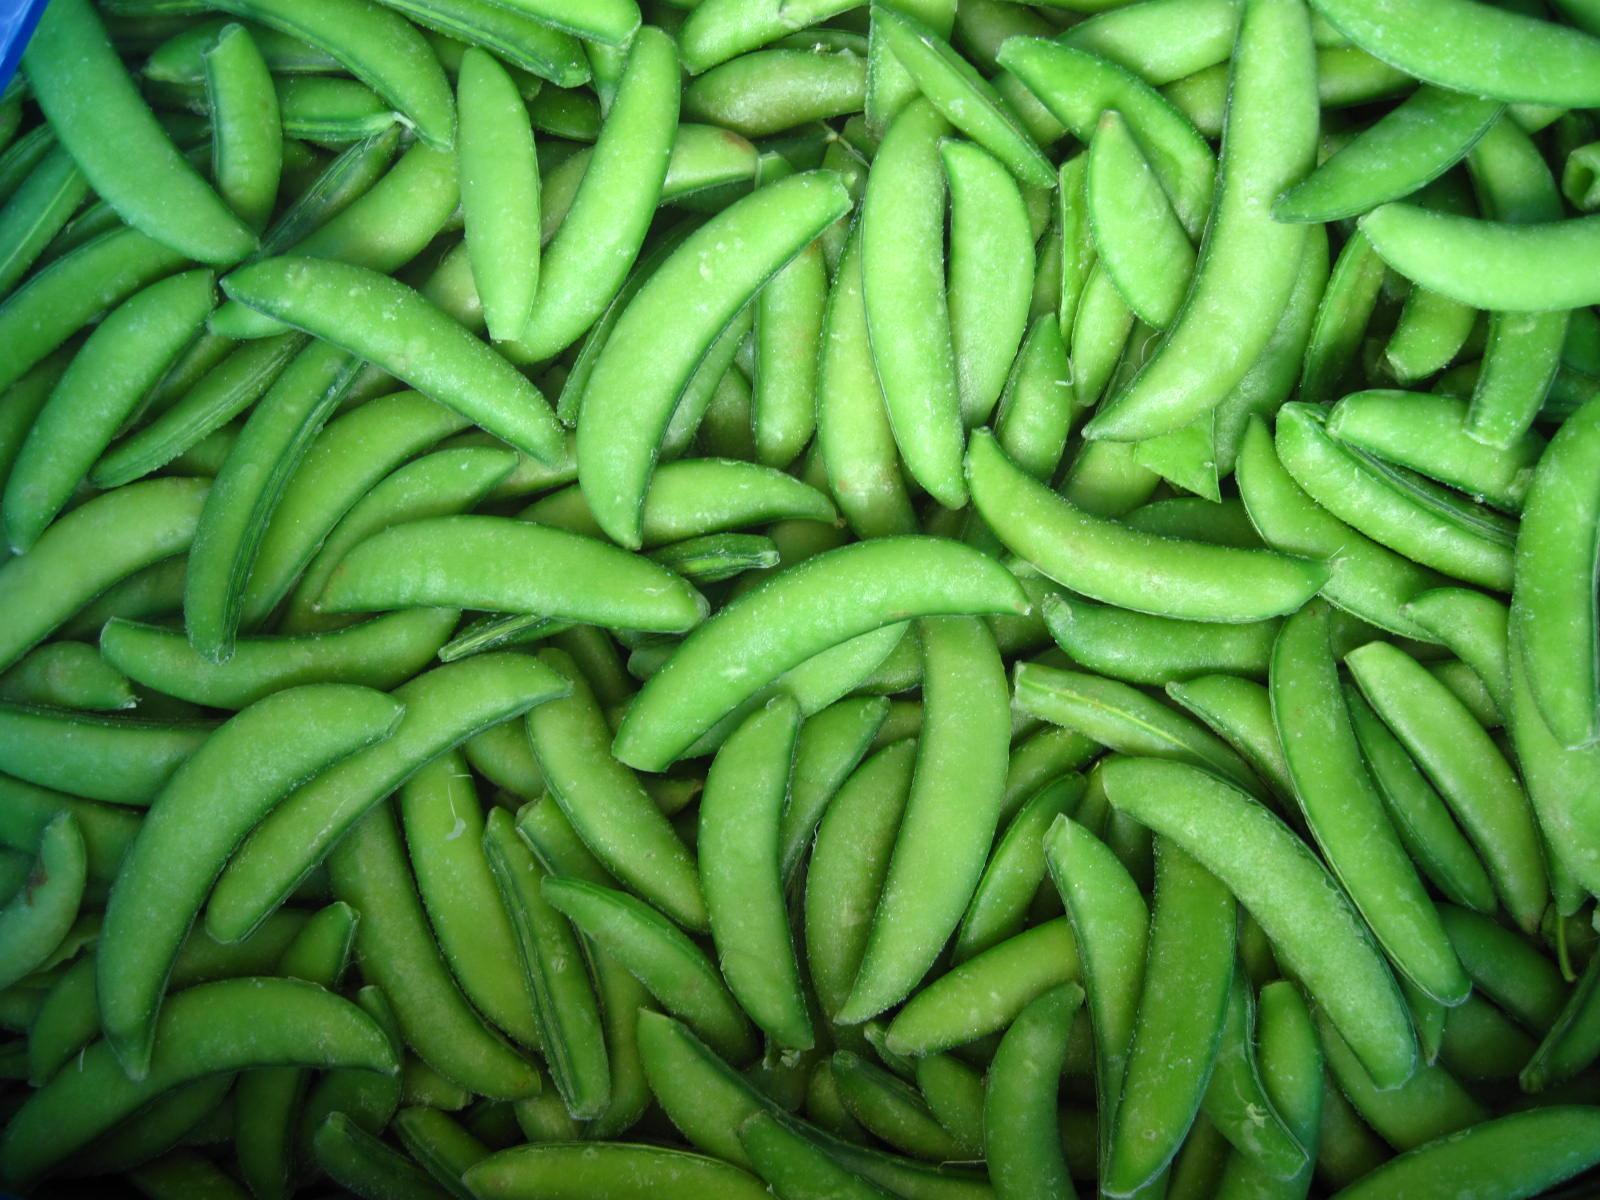 冷凍甜豌豆,速凍甜豌豆 6